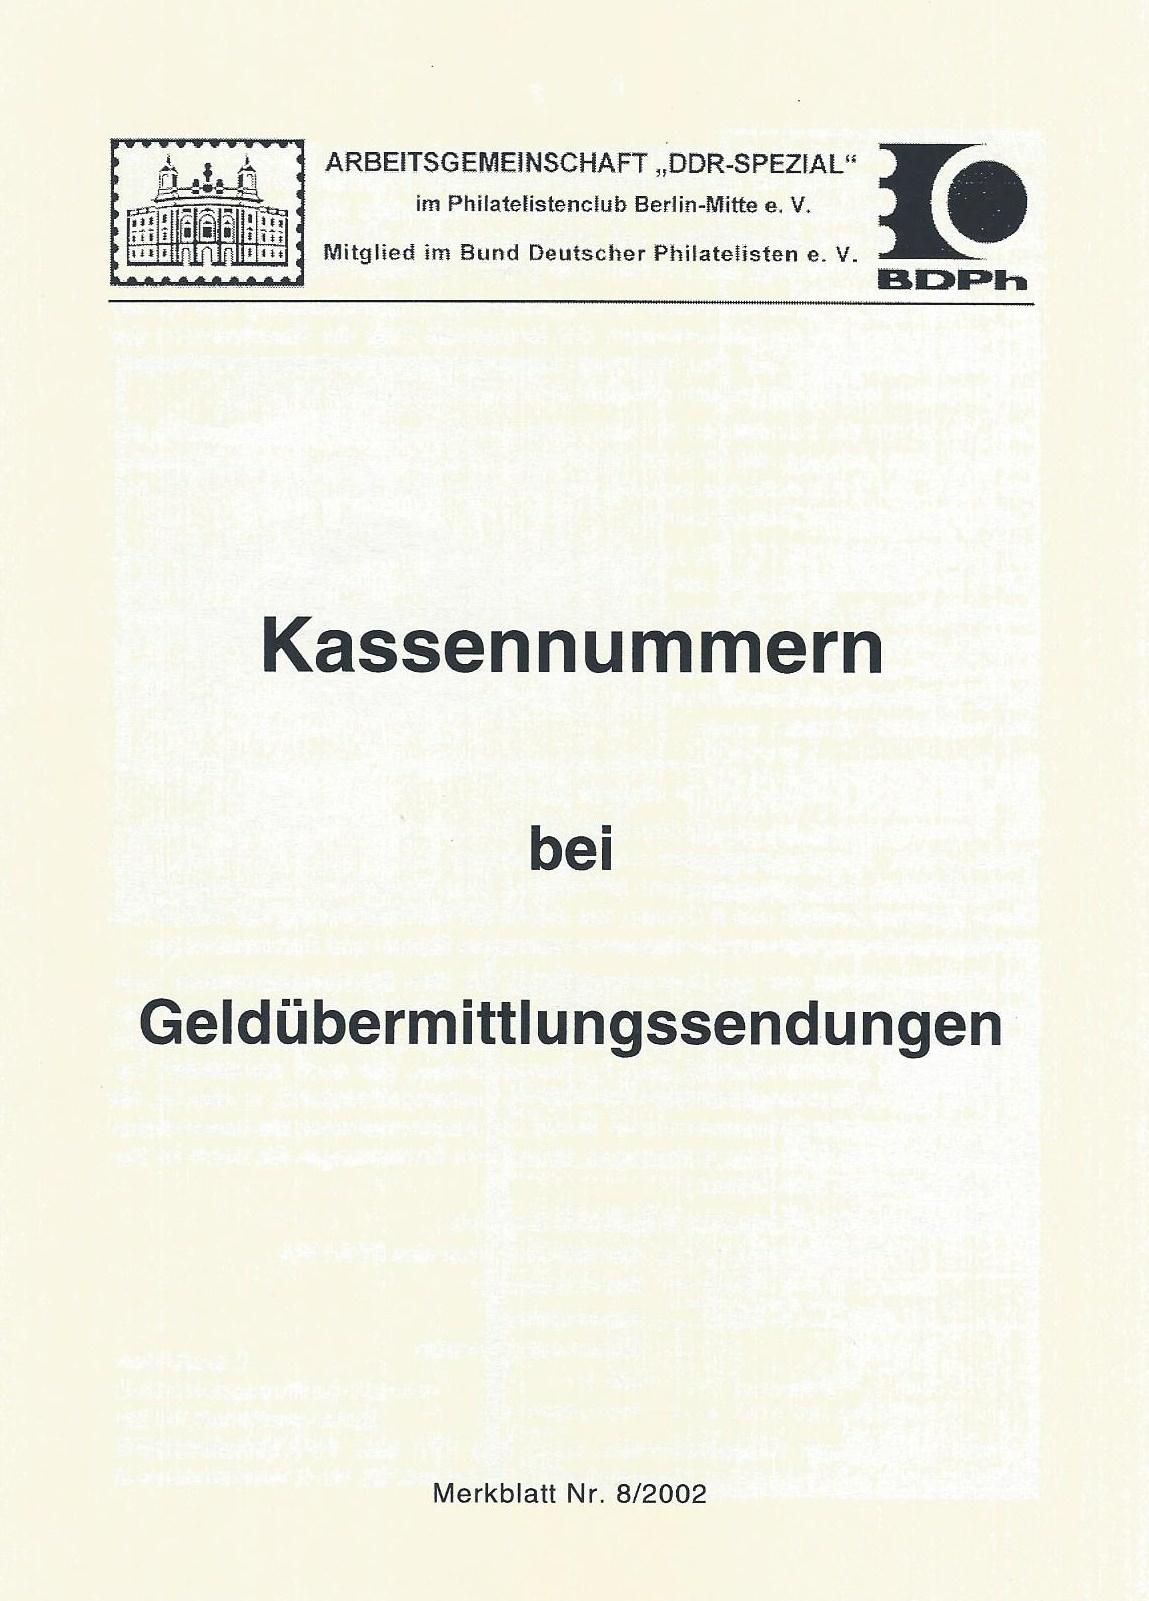 DDR Philatelie Literatur Kassennummern Geldübermittlung